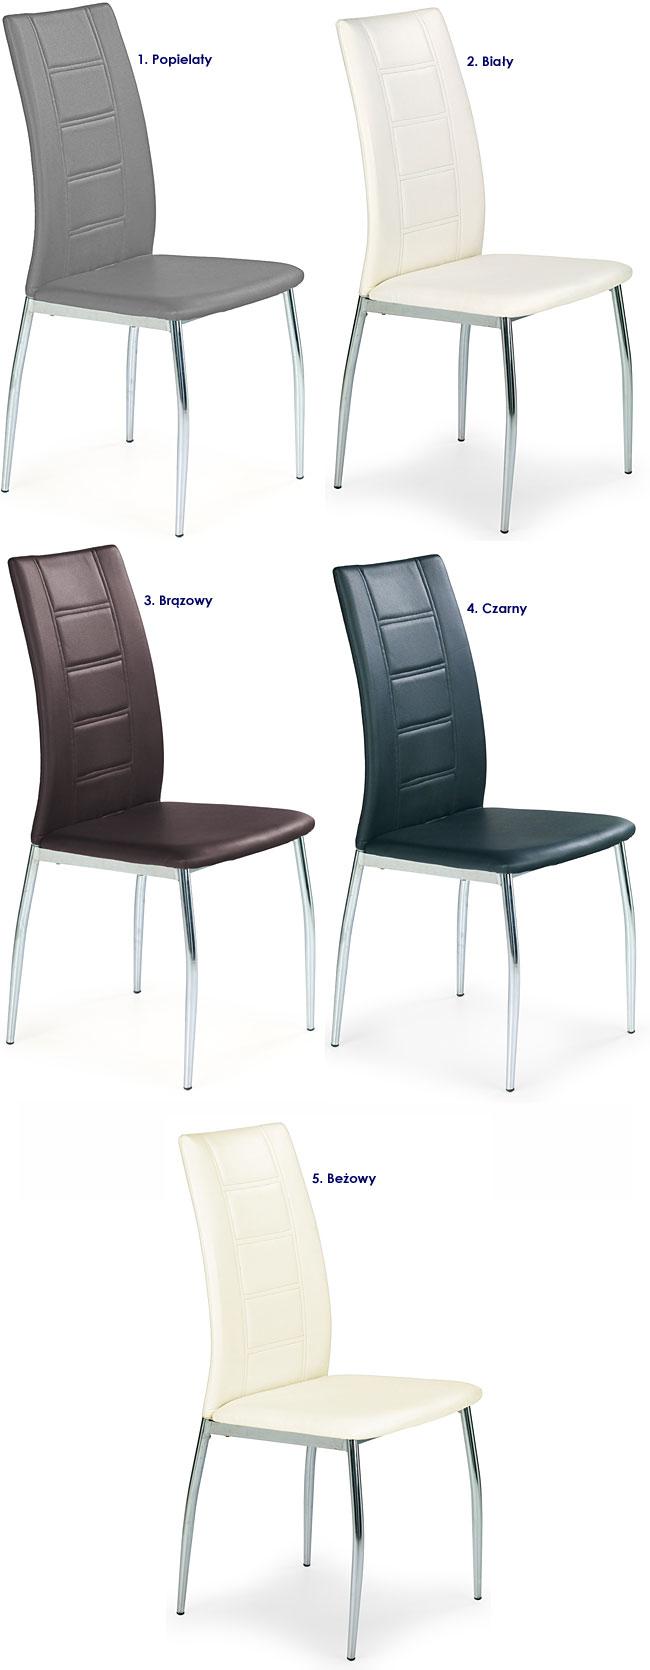 Krzesło tapicerowane Colin